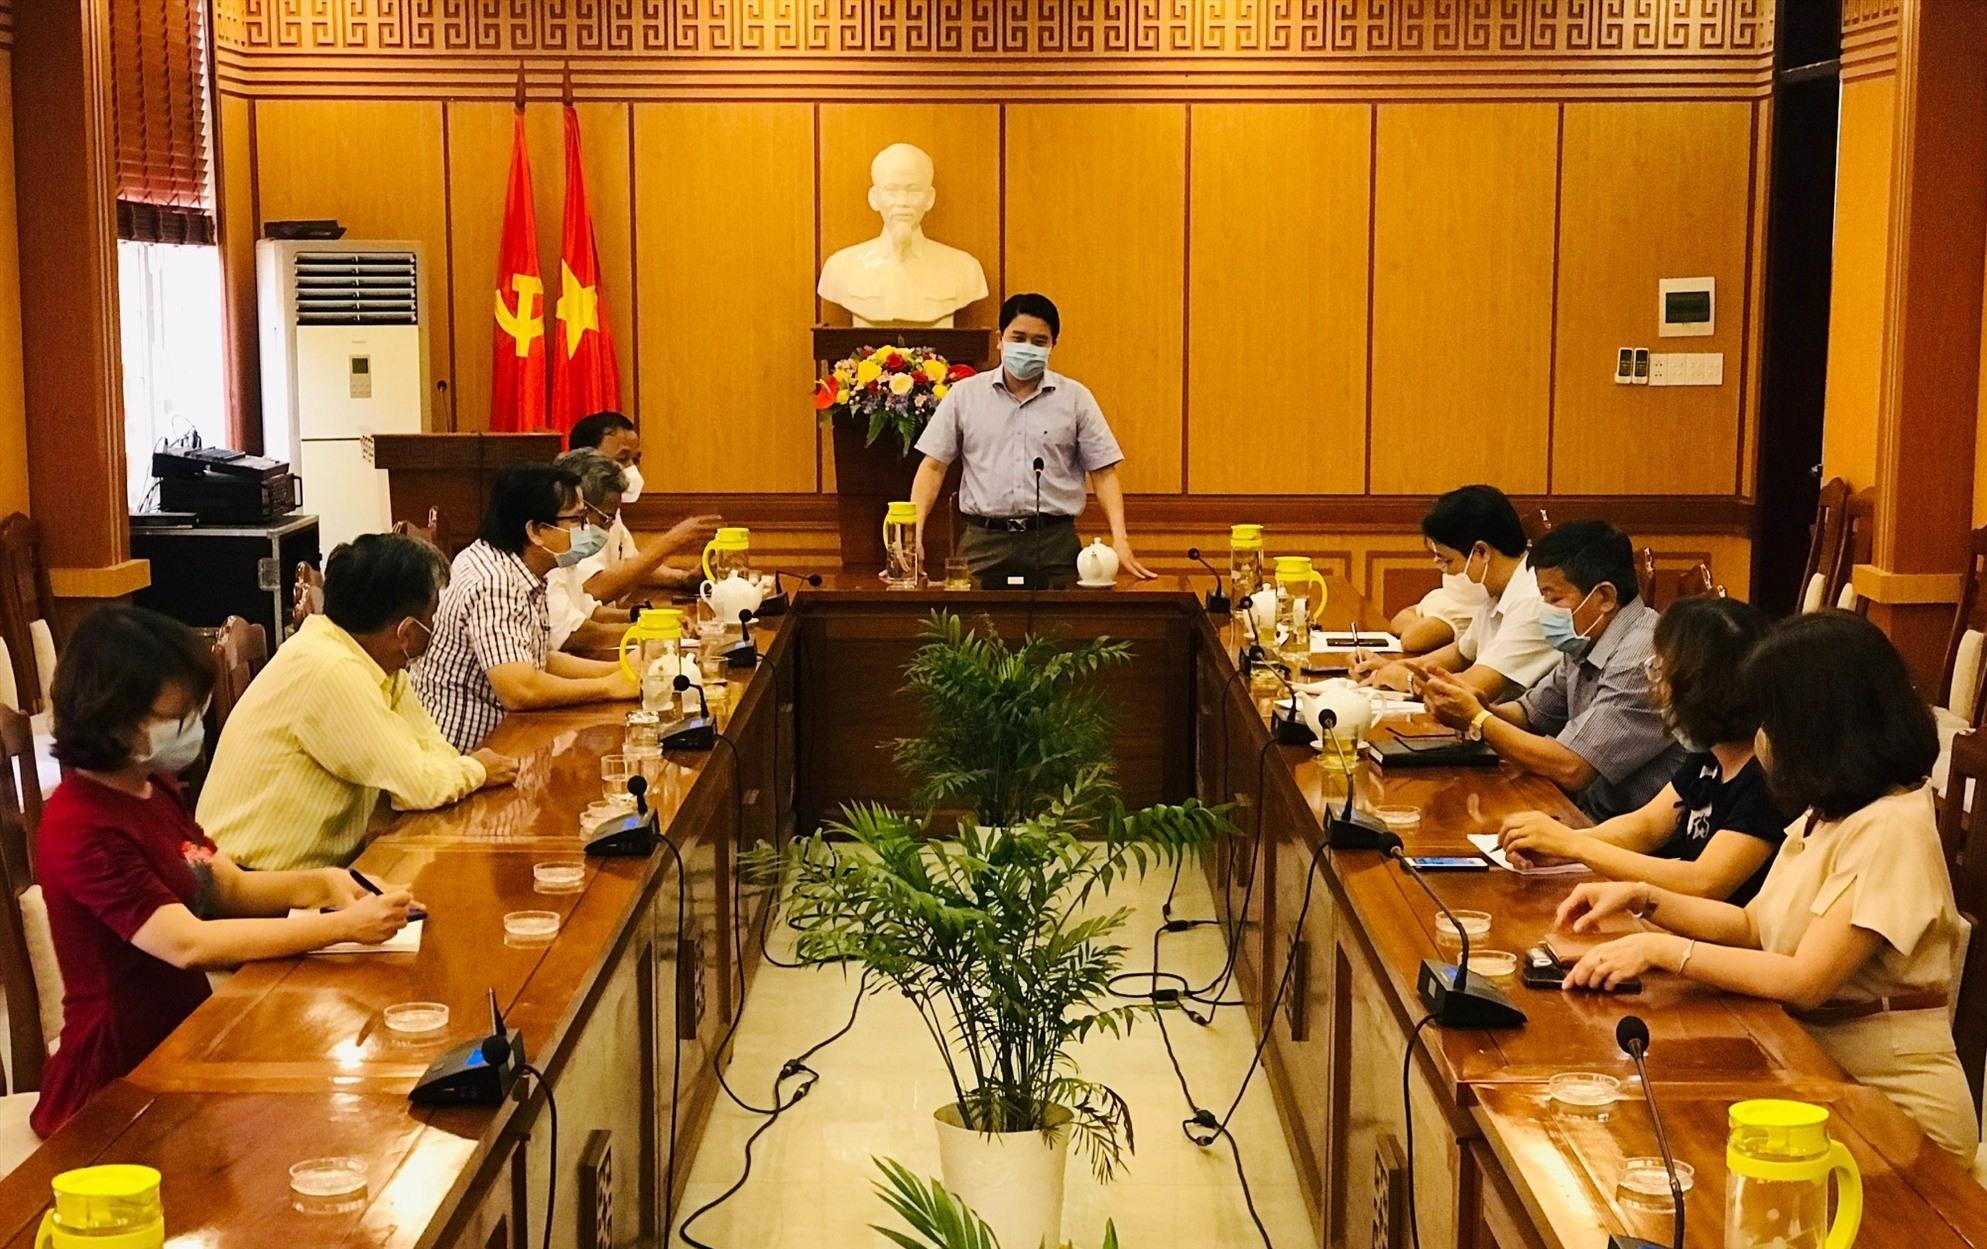 Phó Chủ tịch UBND tỉnh Trần Văn Tân chủ trì buổi làm việc với chính quyền TP.Hội An về công tác phòng chống dịch. Ảnh: Q.T